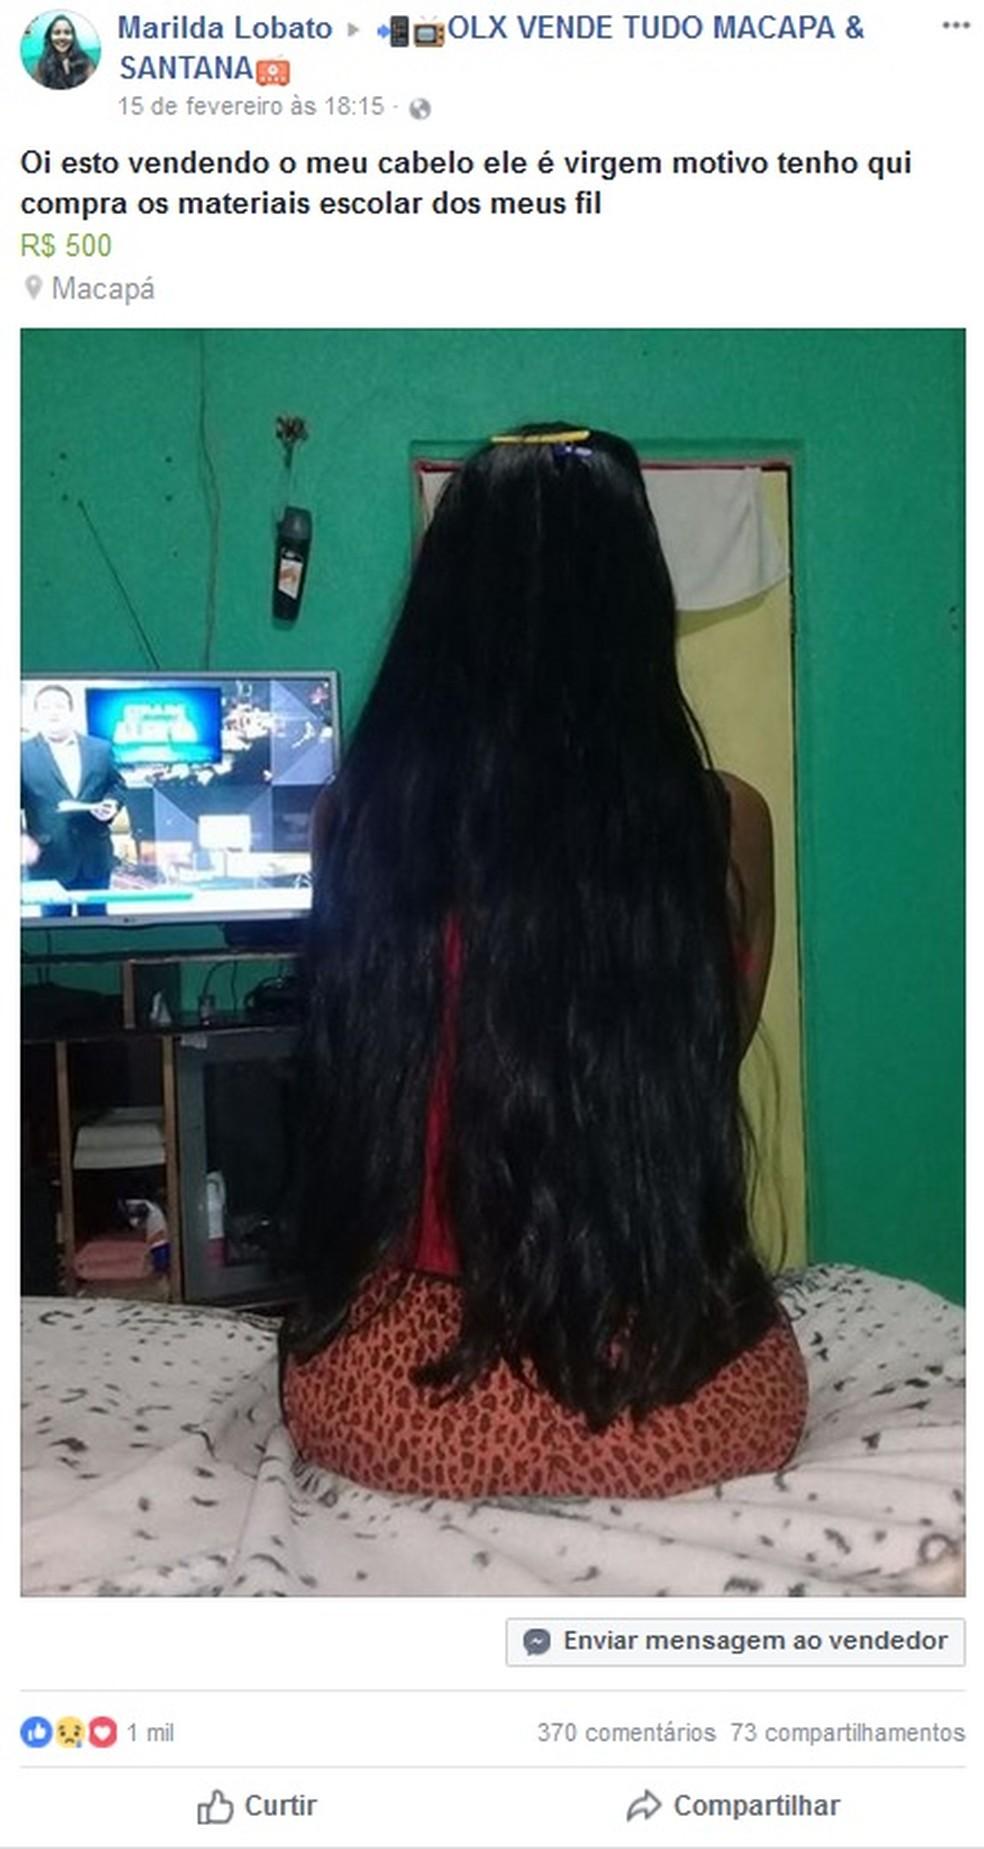 Postagem oferta três palmos de cabelo no valor de R$ 500 (Foto: Facebook/Reprodução)